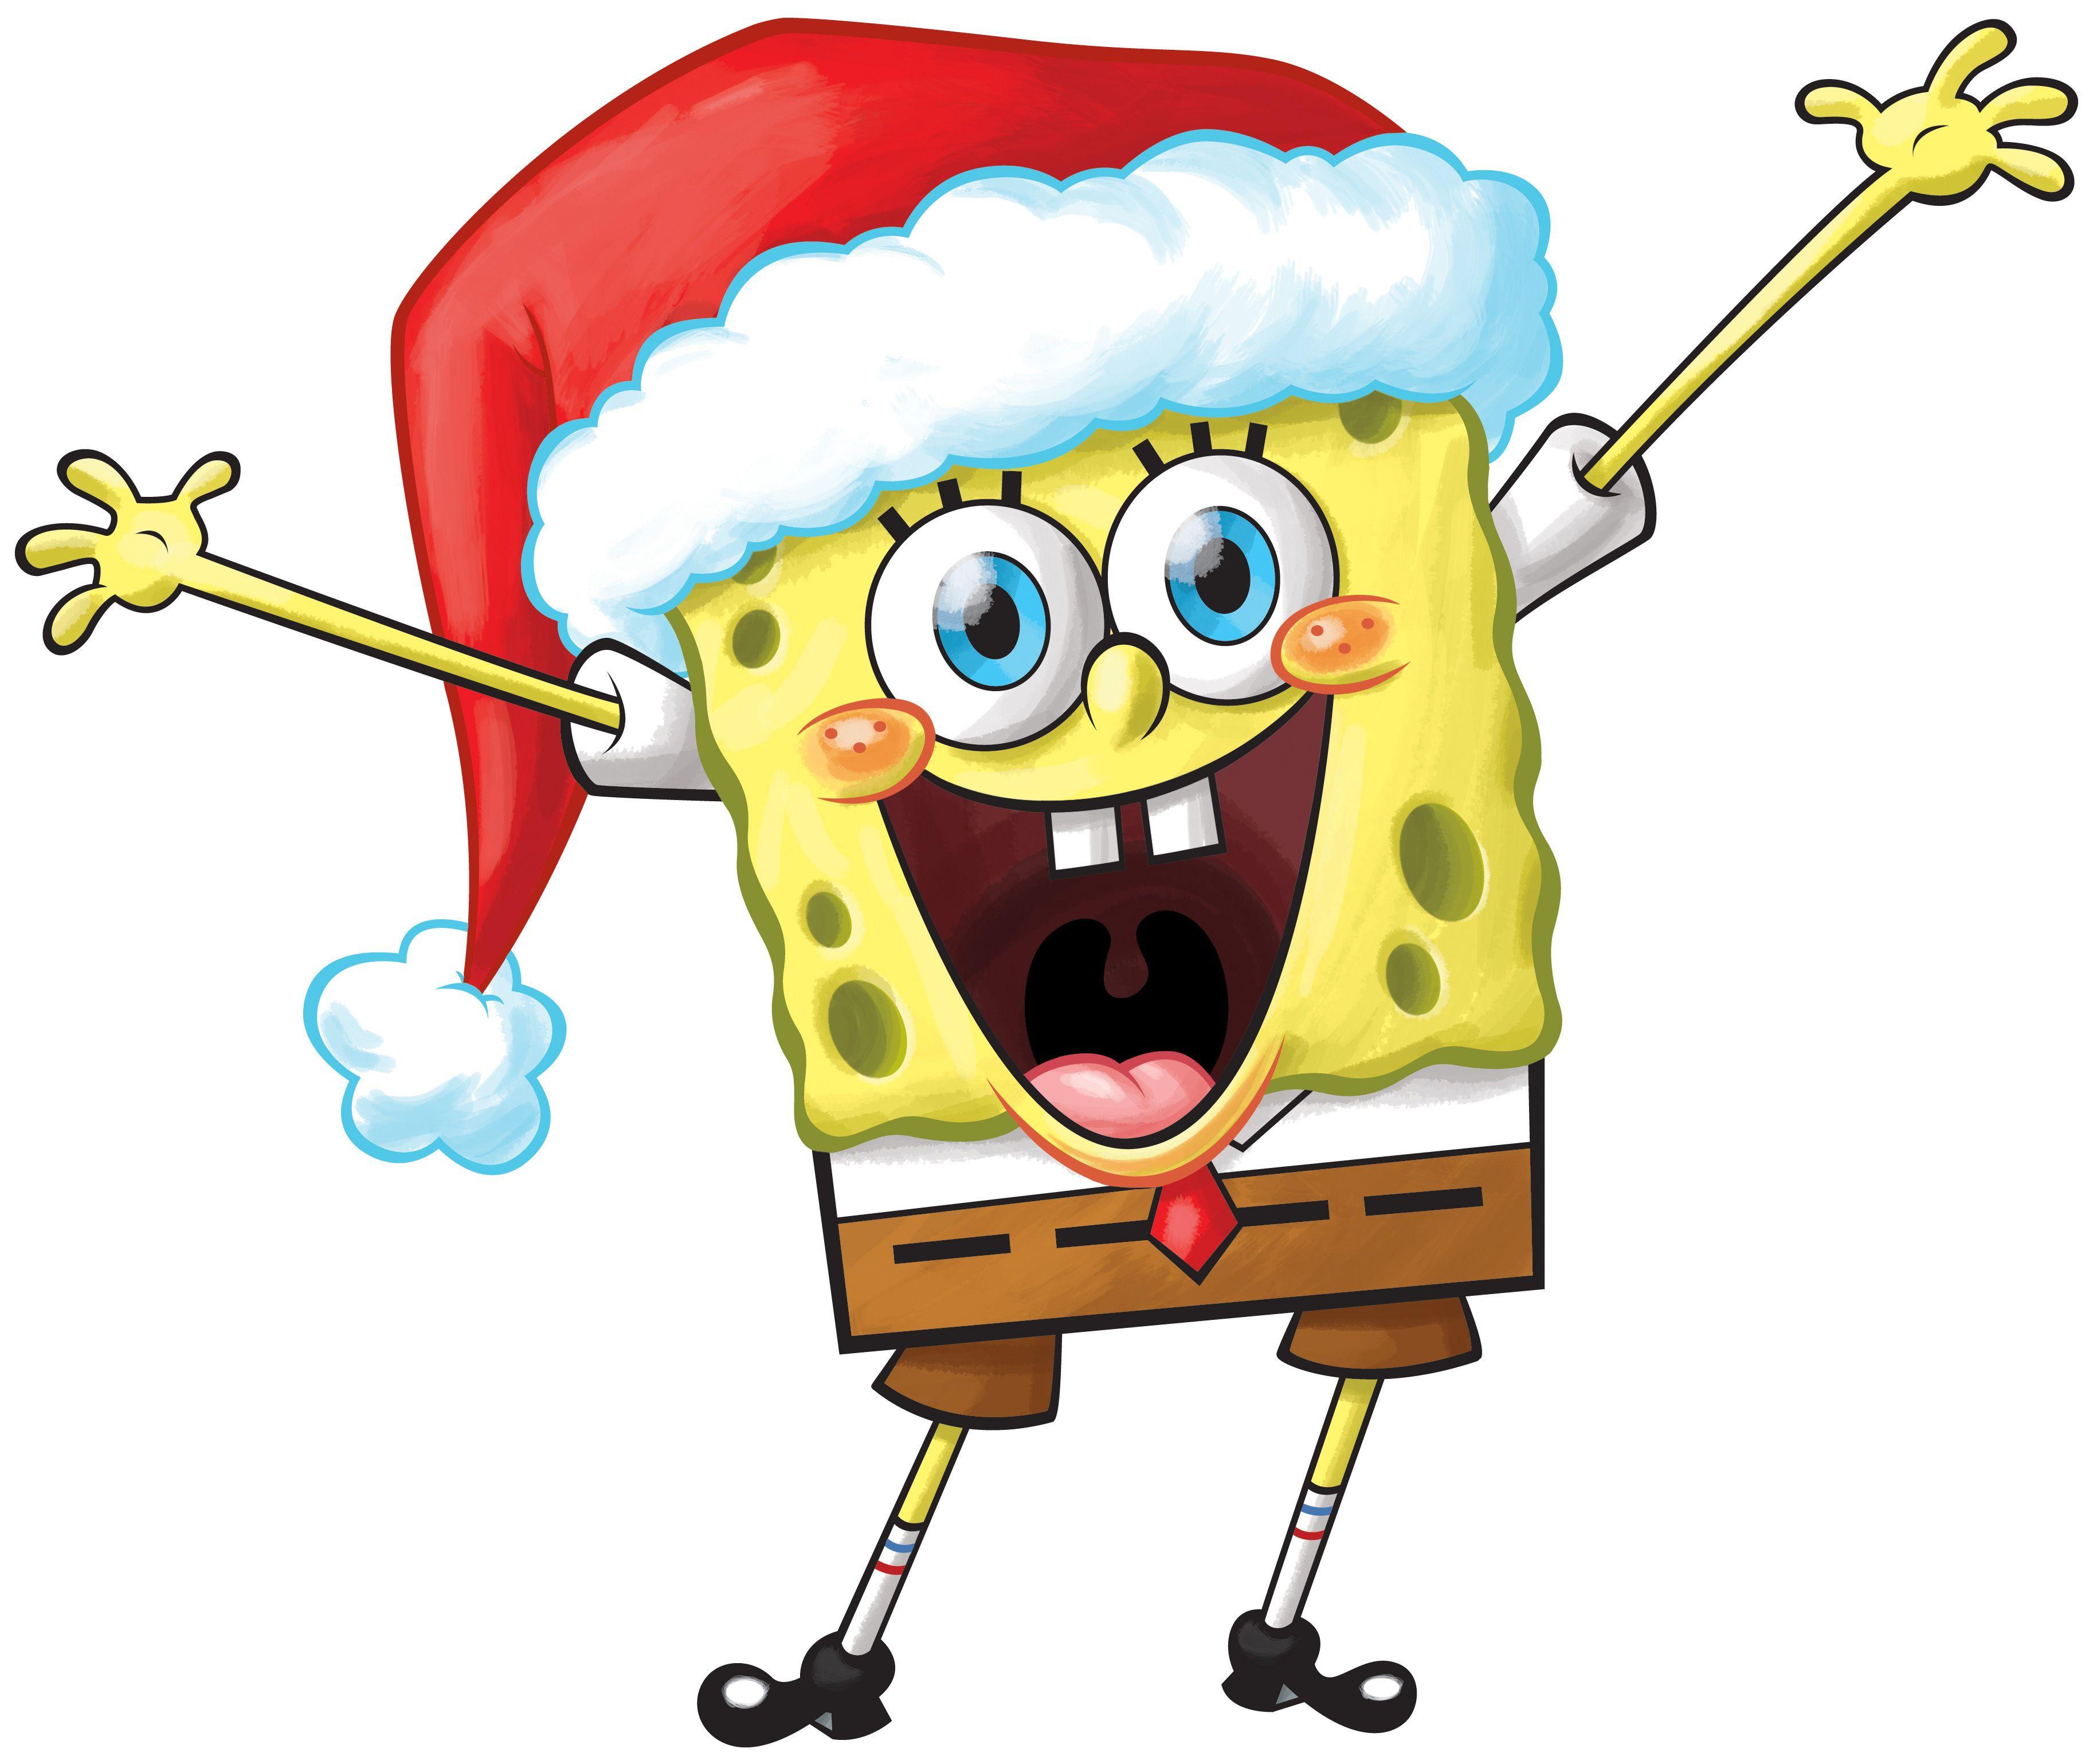 SpongeBob: \